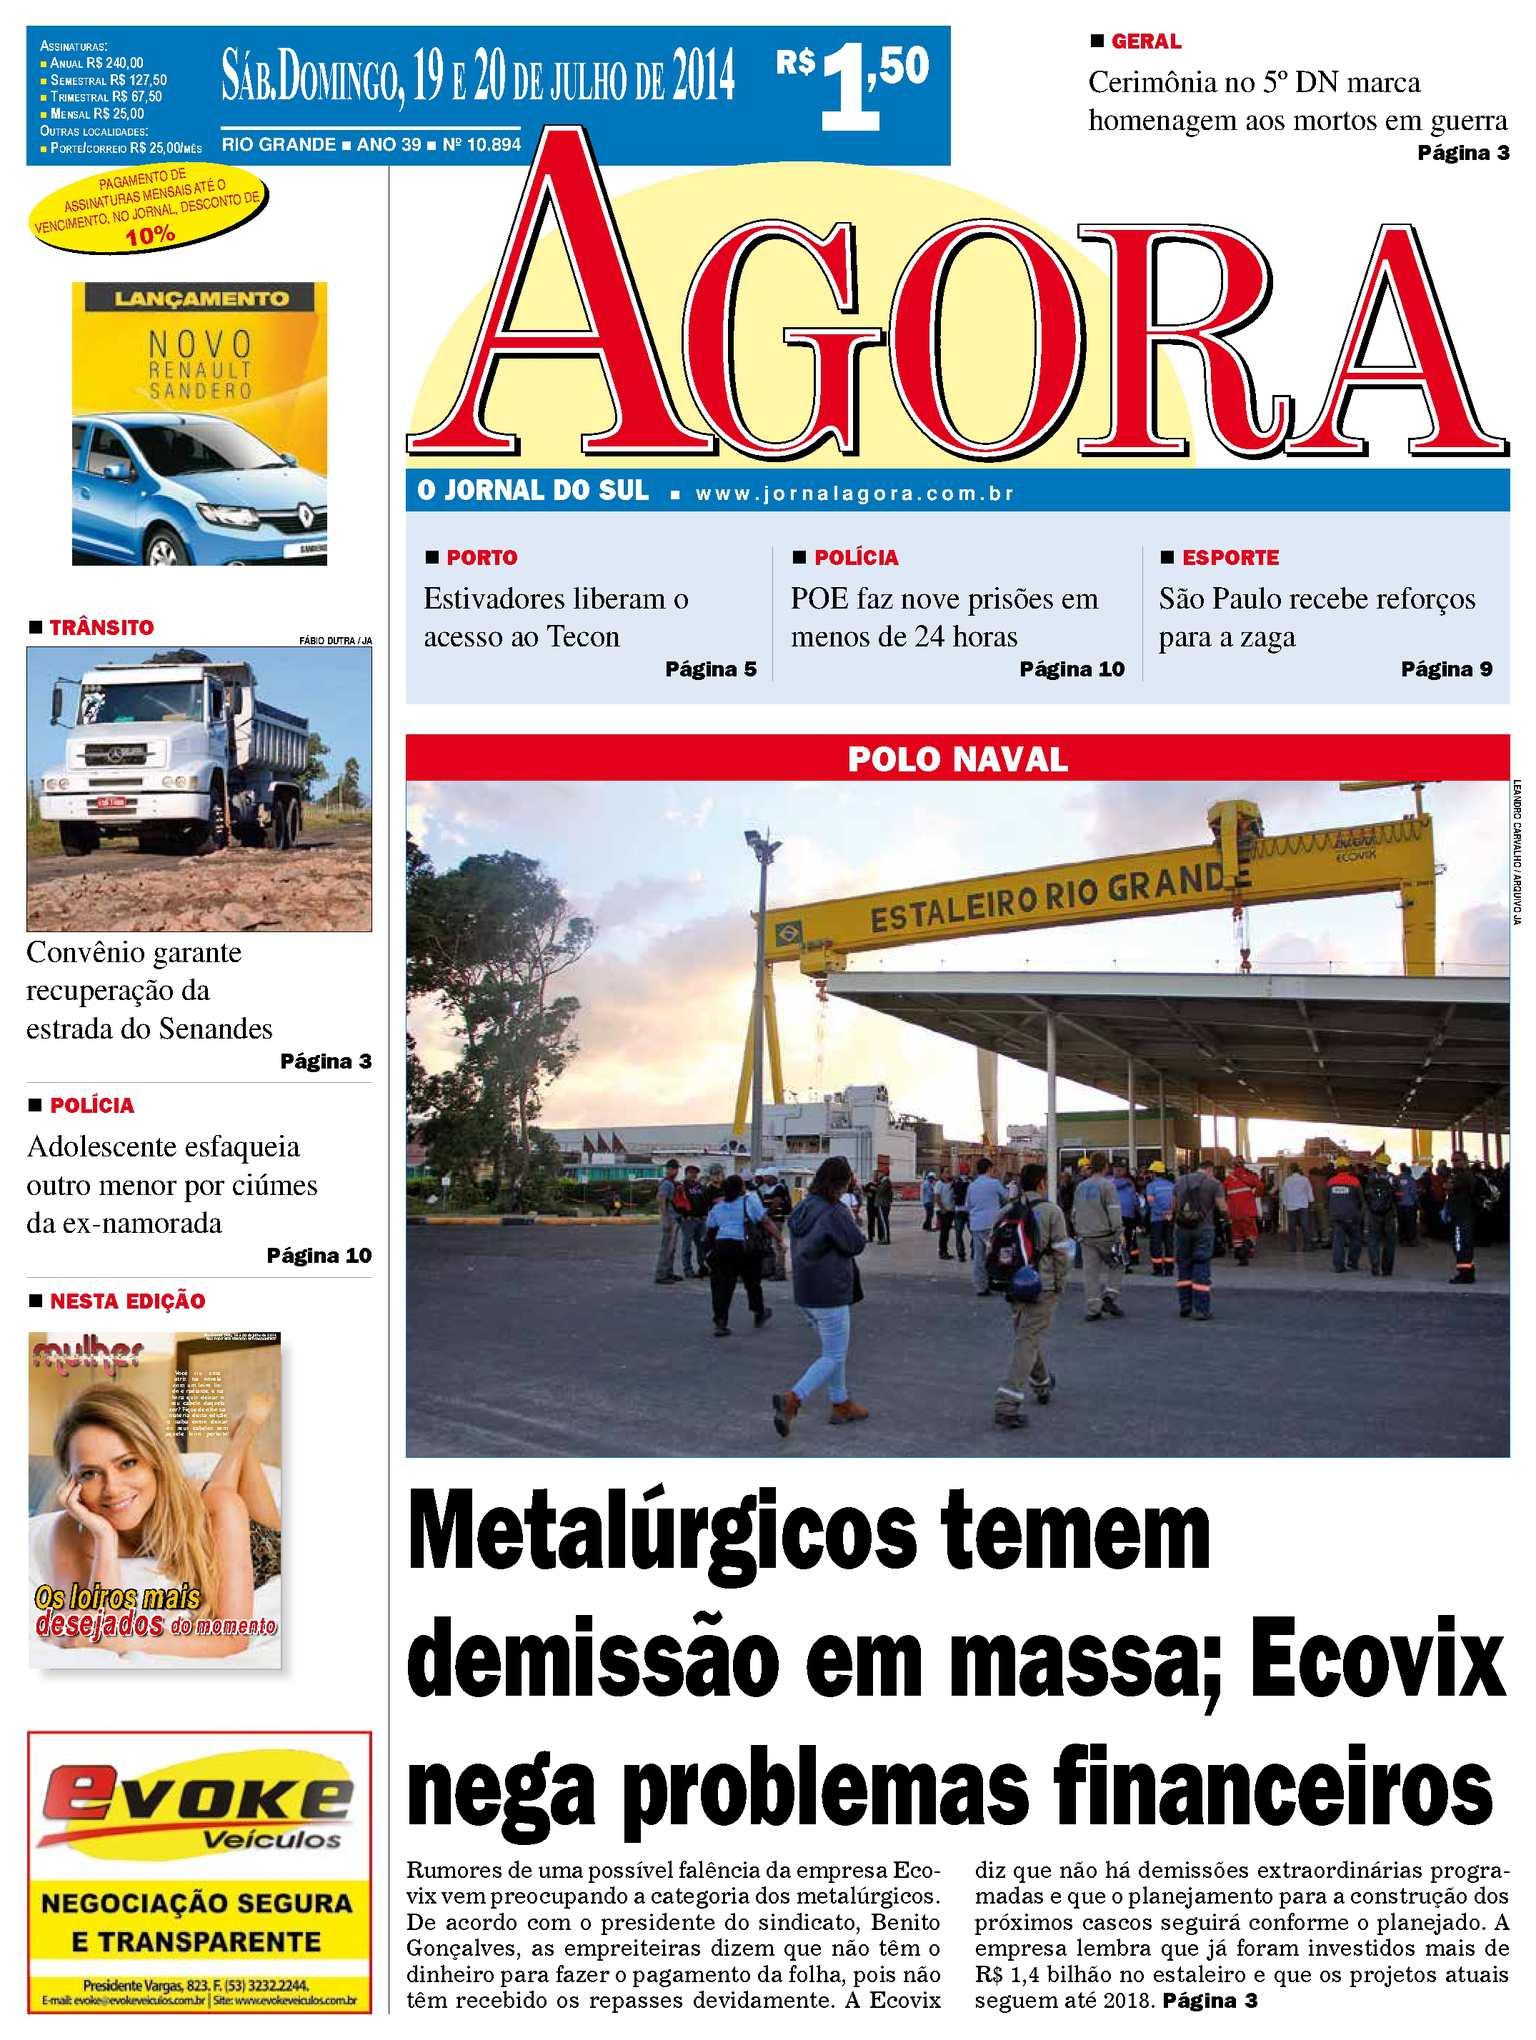 Calaméo - Jornal Agora - Edição 10894 - 19 e 20 de julho de 2014 35d3c14d5f9